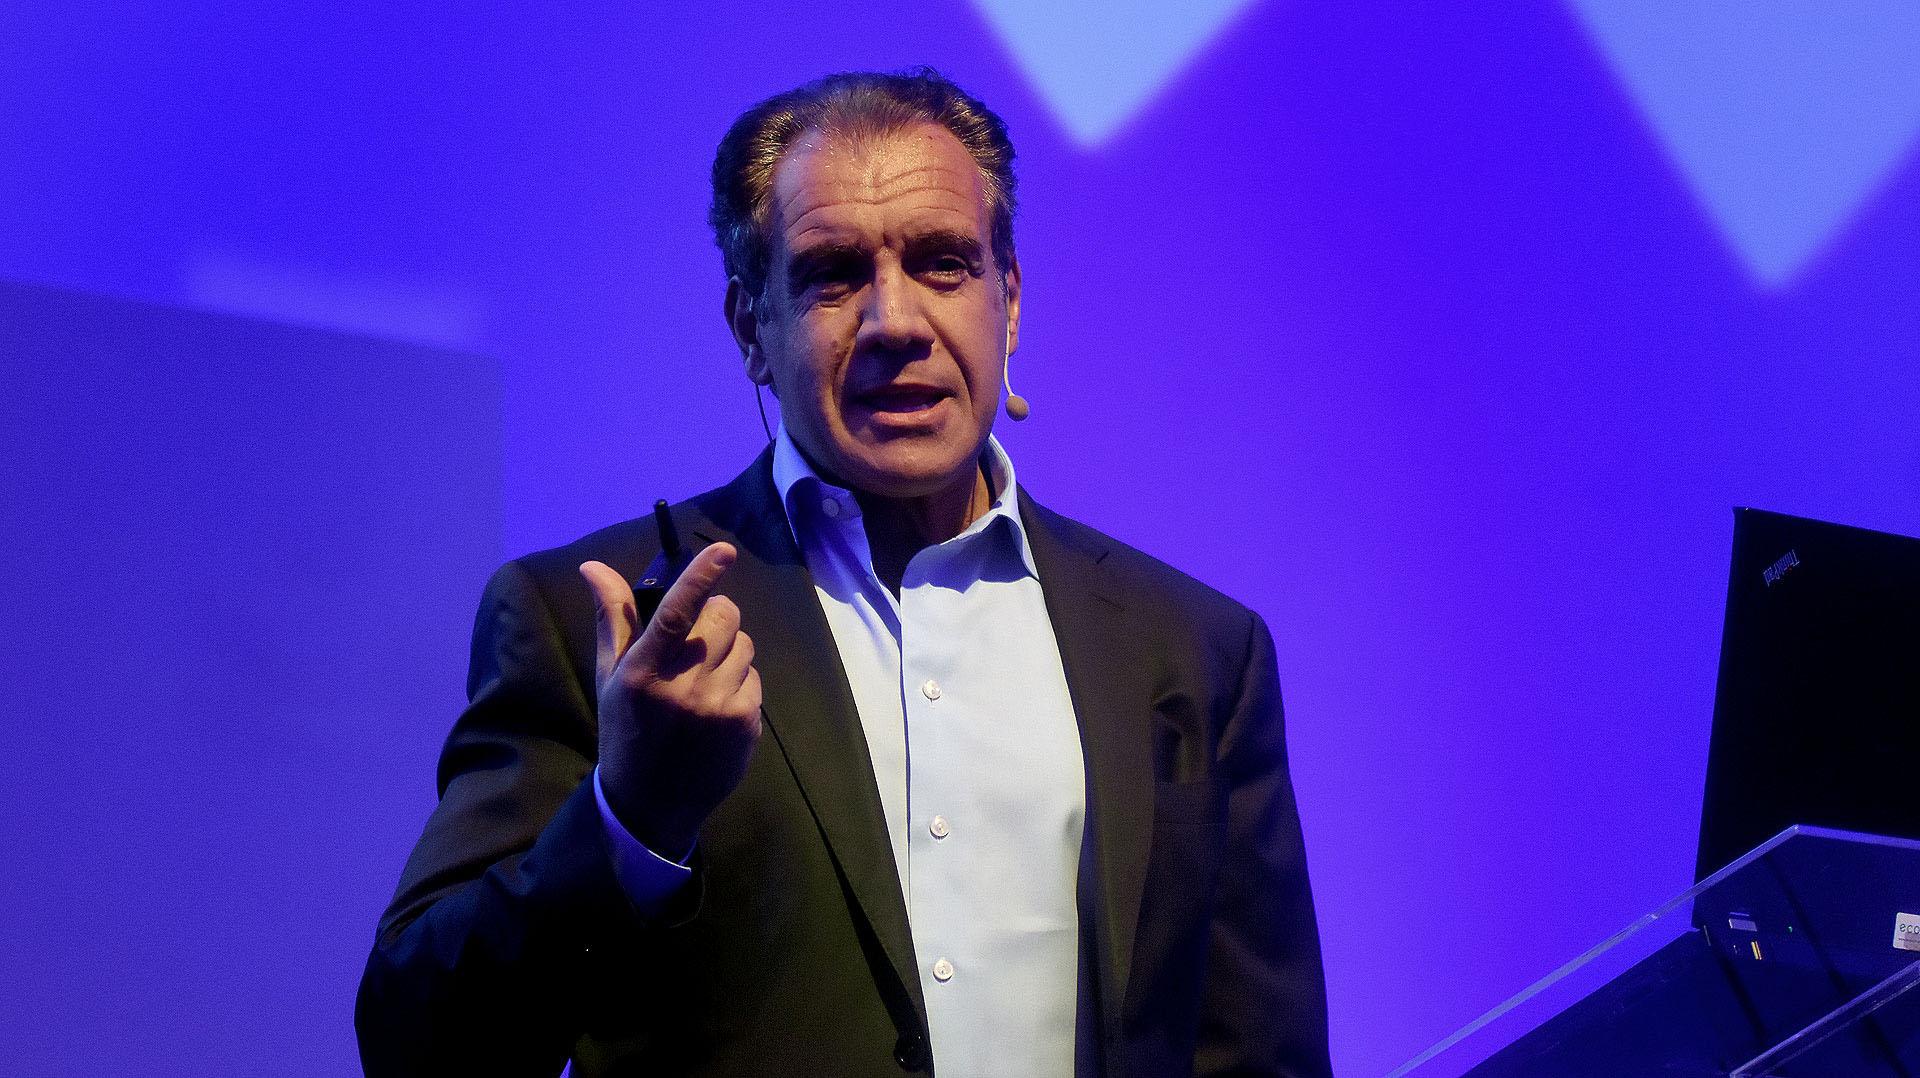 """""""Las redes son un fenómeno de nuestros días. Si no miramos las redes nos perdemos un montón de cosas"""", aseguró Daniel Hadad durante su presentación en el FIAP 2018"""